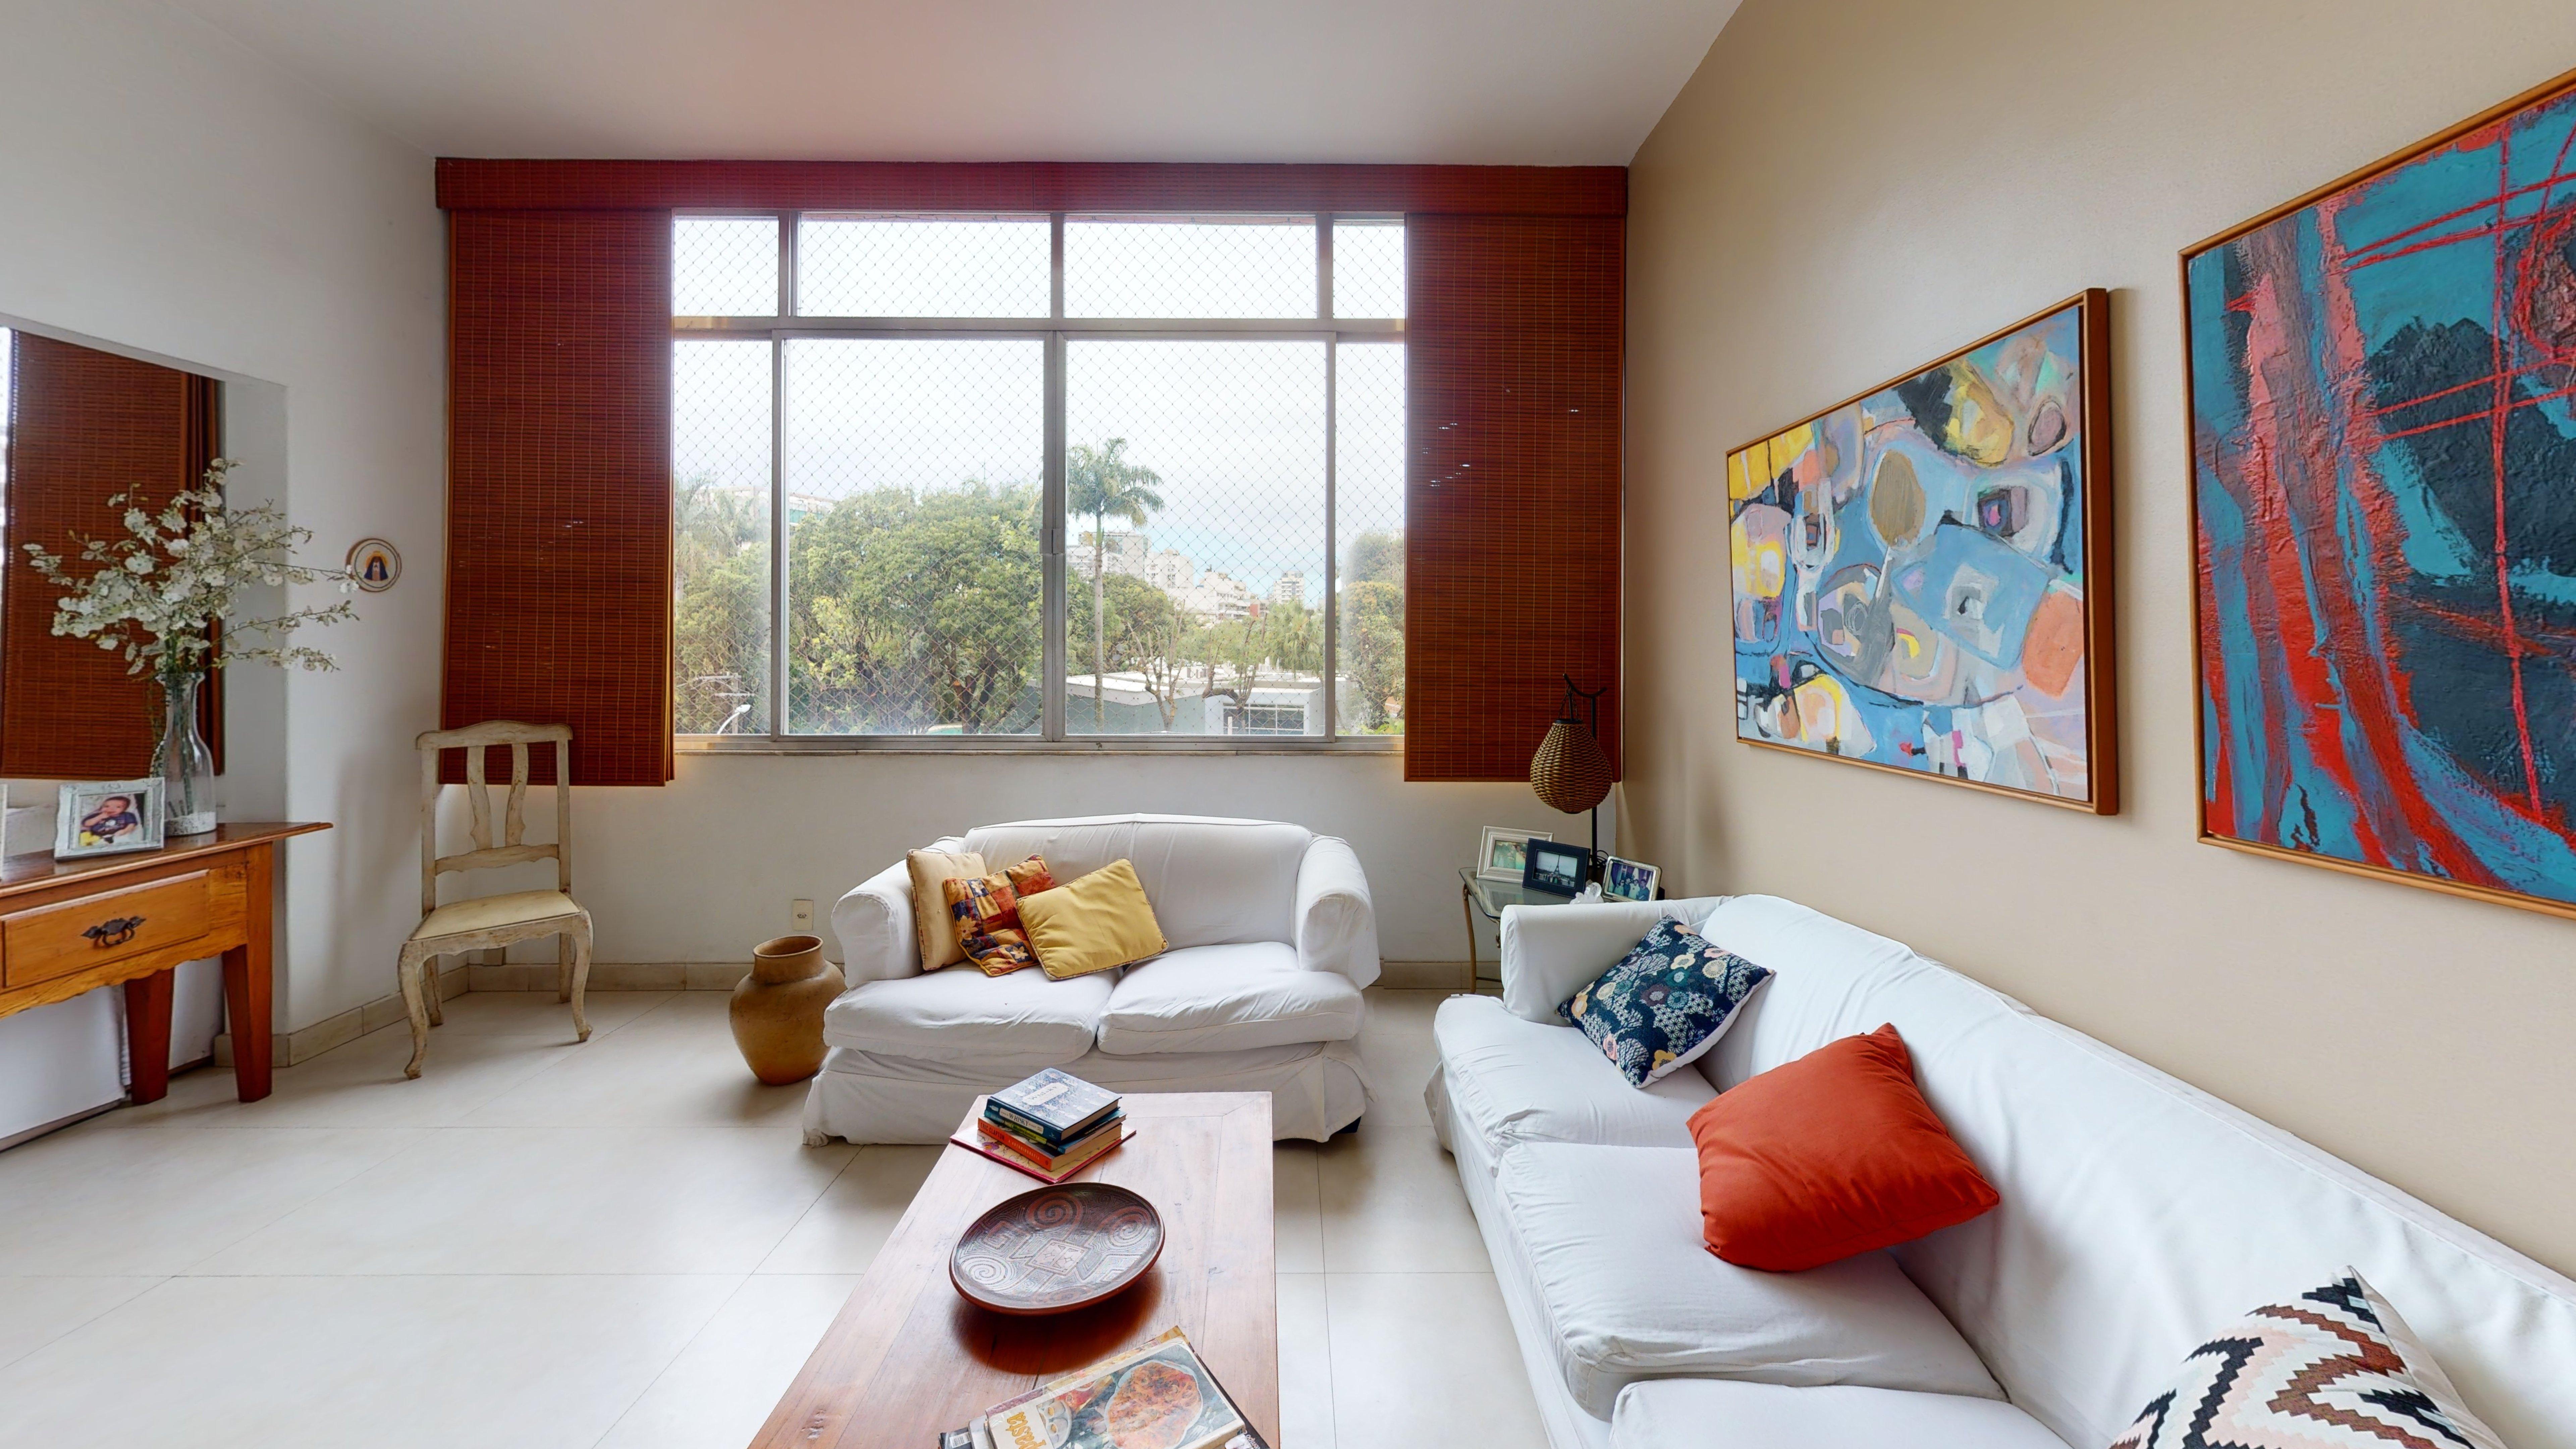 Foto de Quarto com vaso de planta, sofá, vaso, cadeira, livro